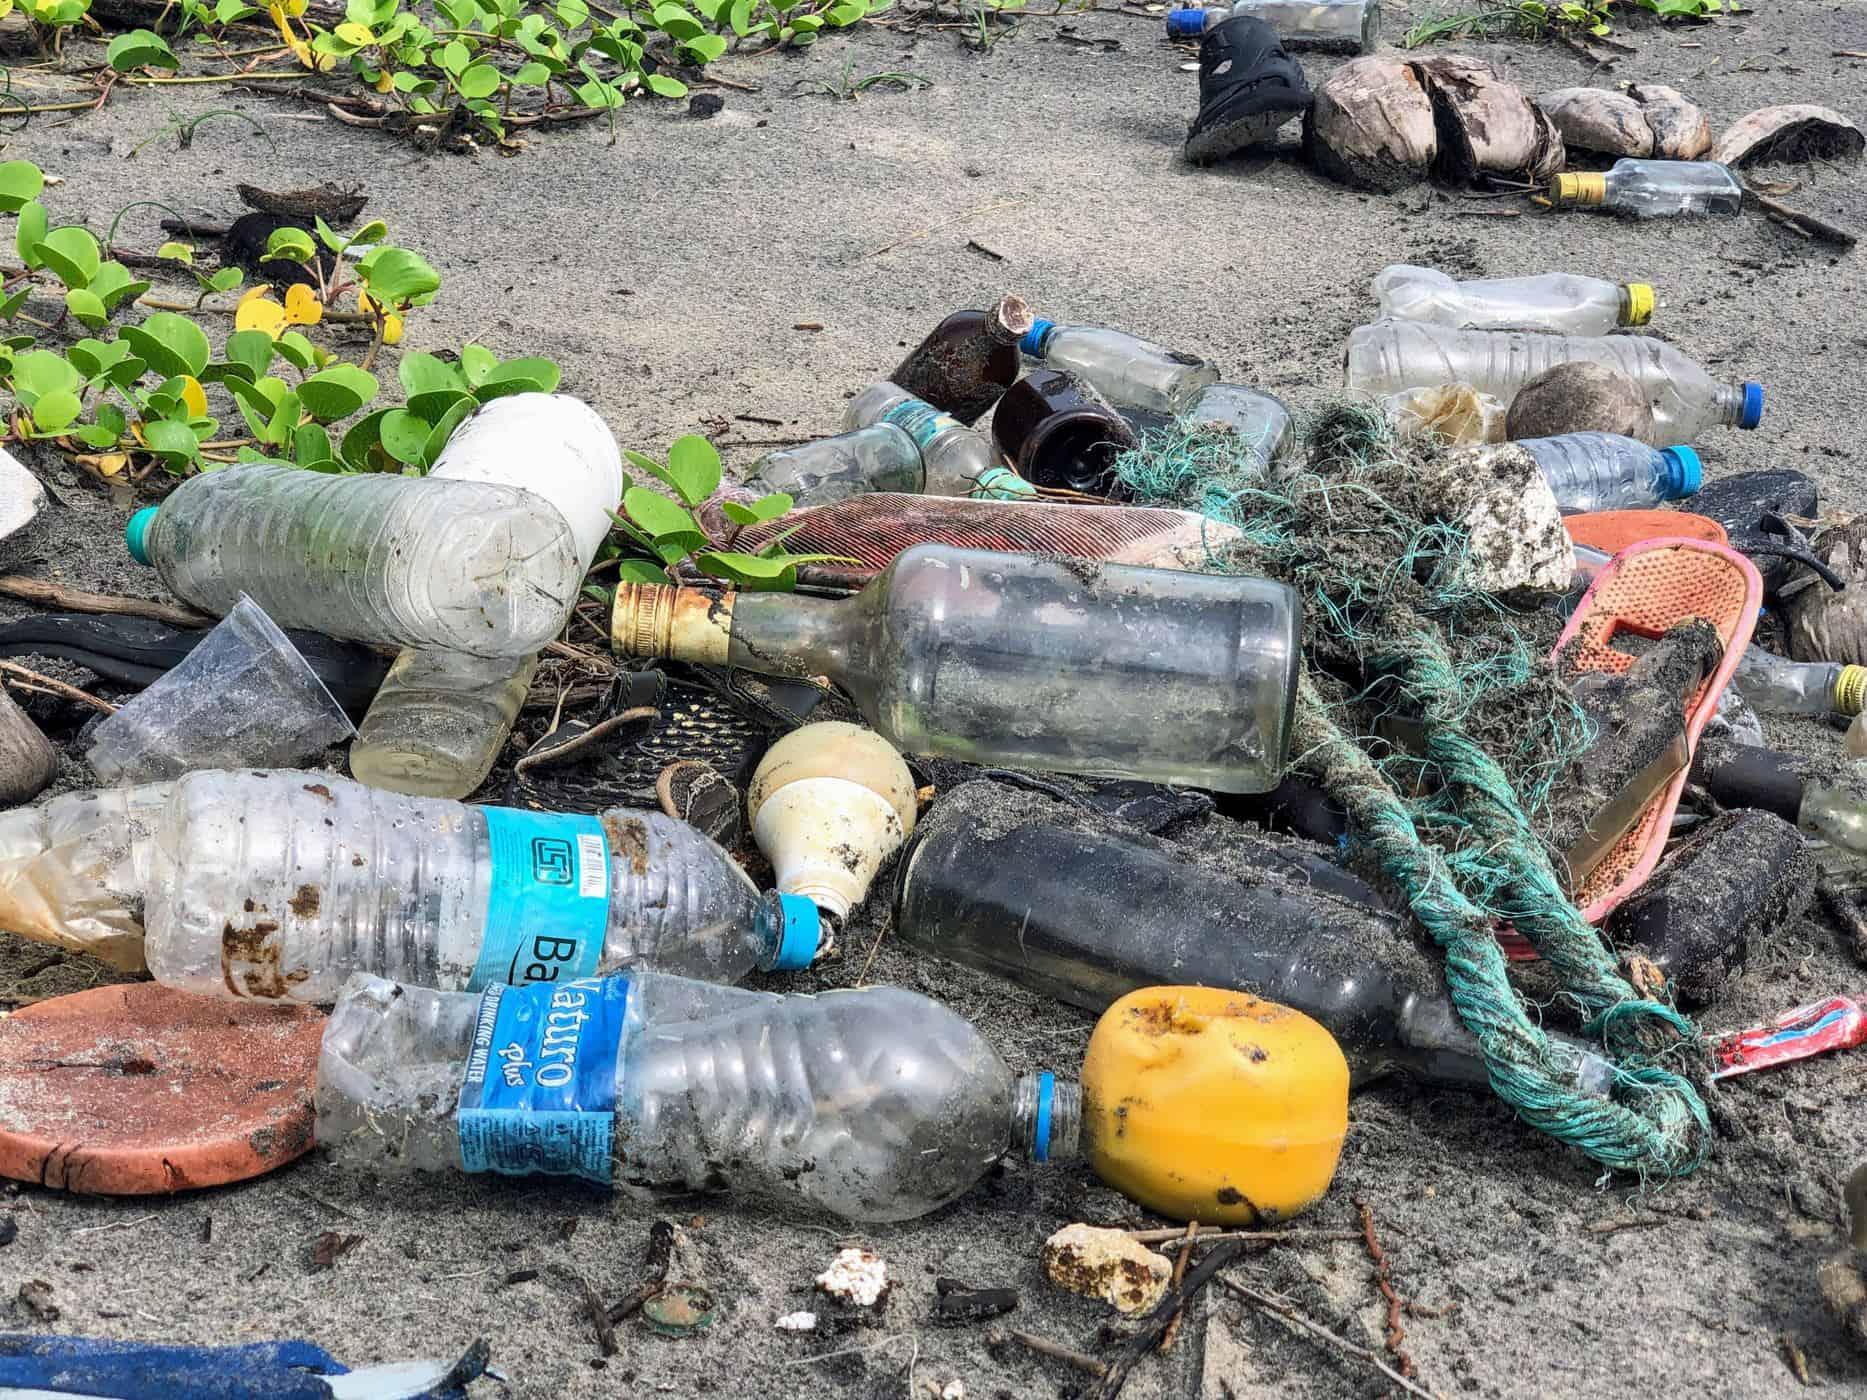 Plastic bottles litter